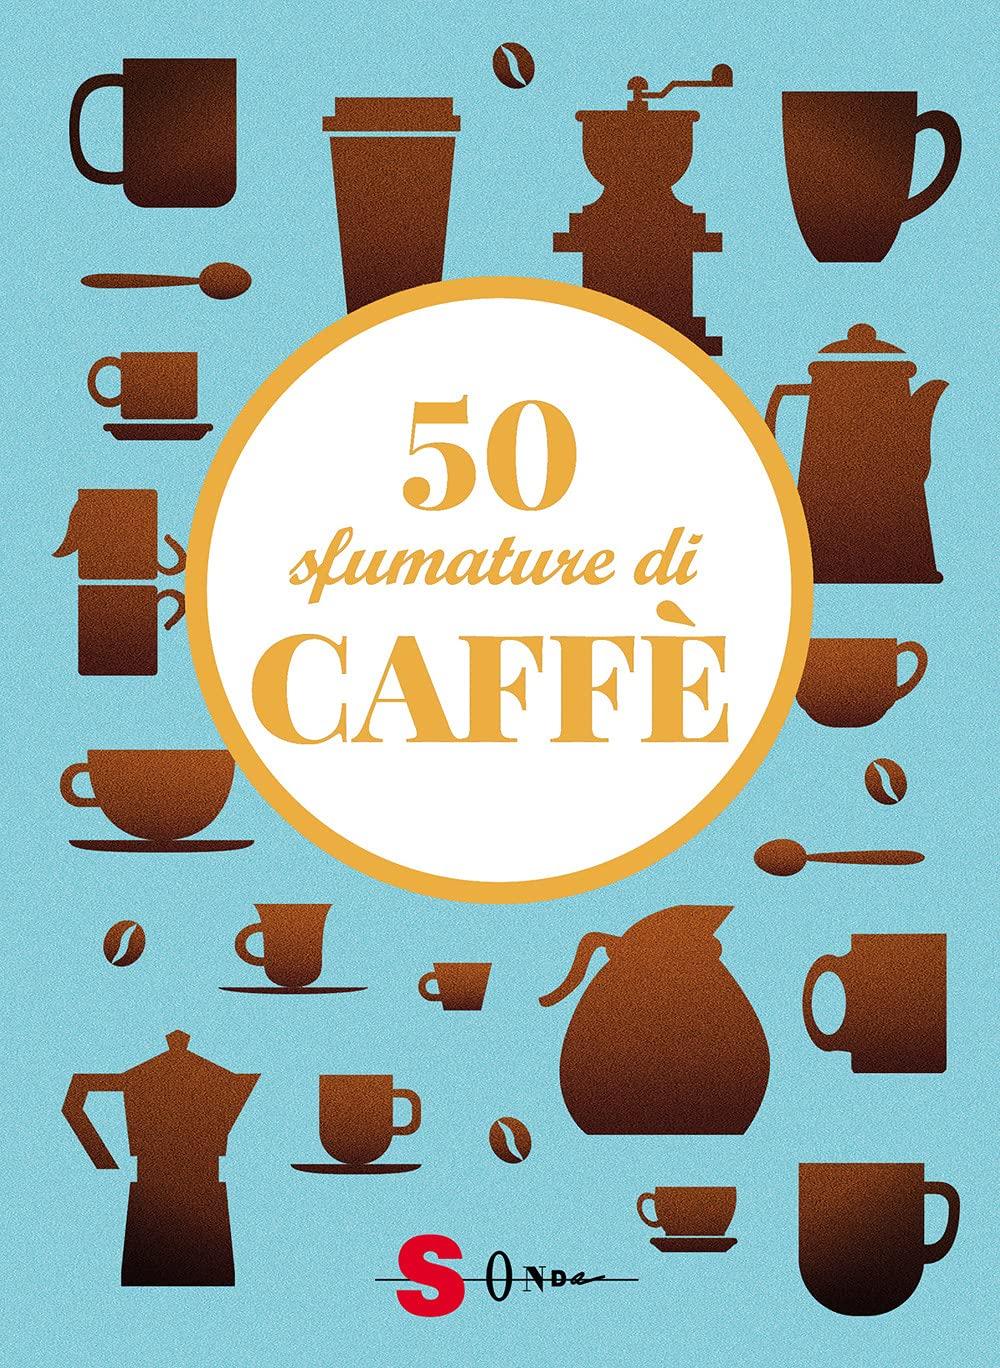 50 sfumature di caffè_cover